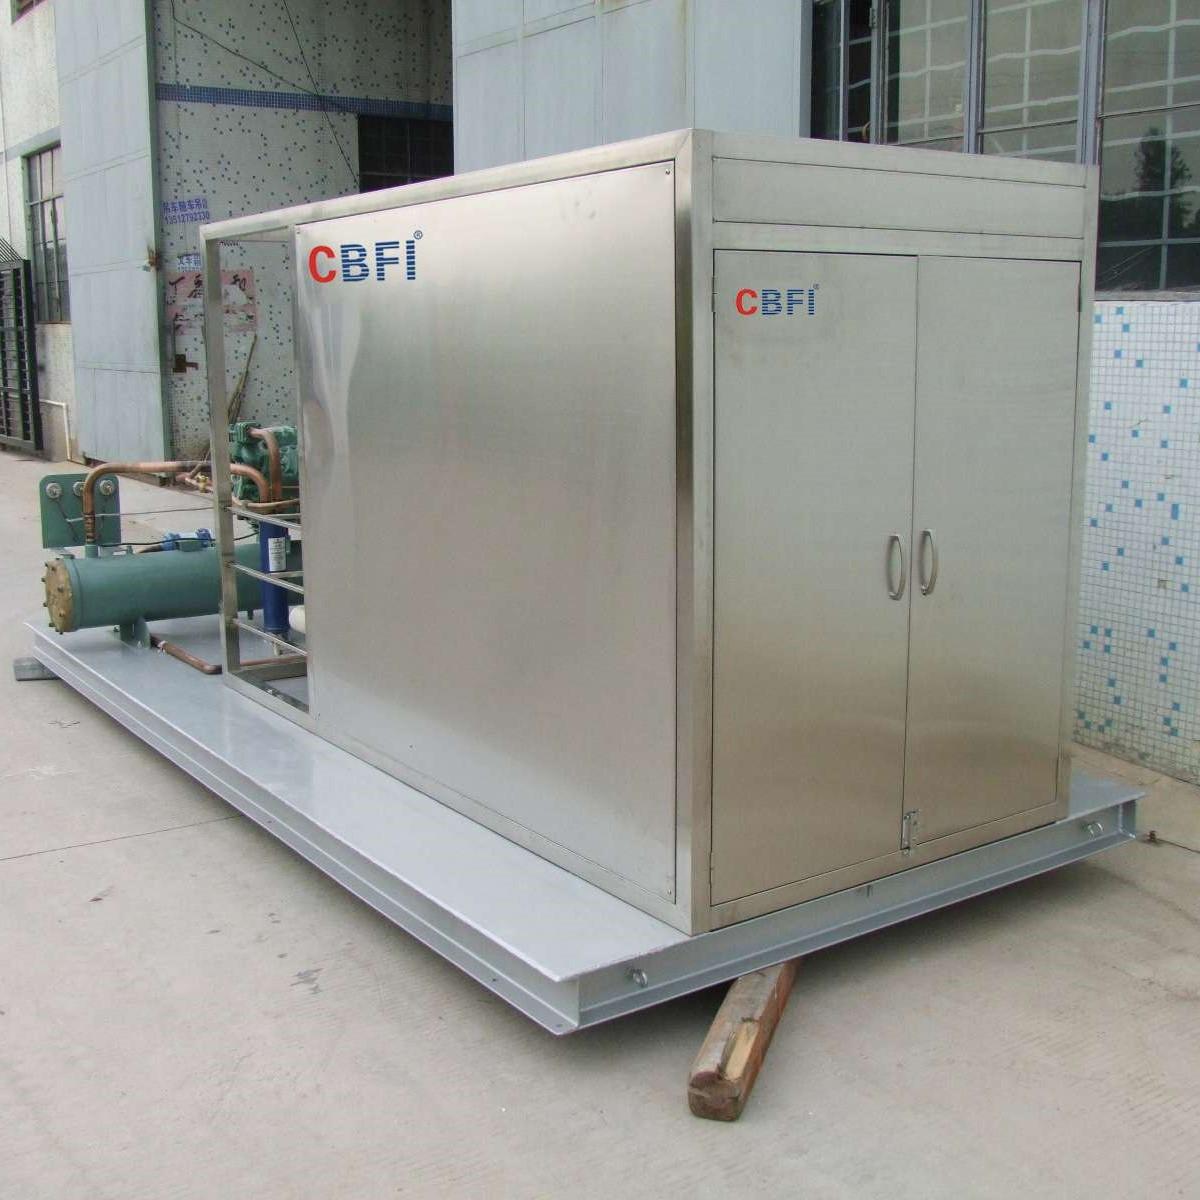 news-CBFI water water chiller factory-CBFI-img-1